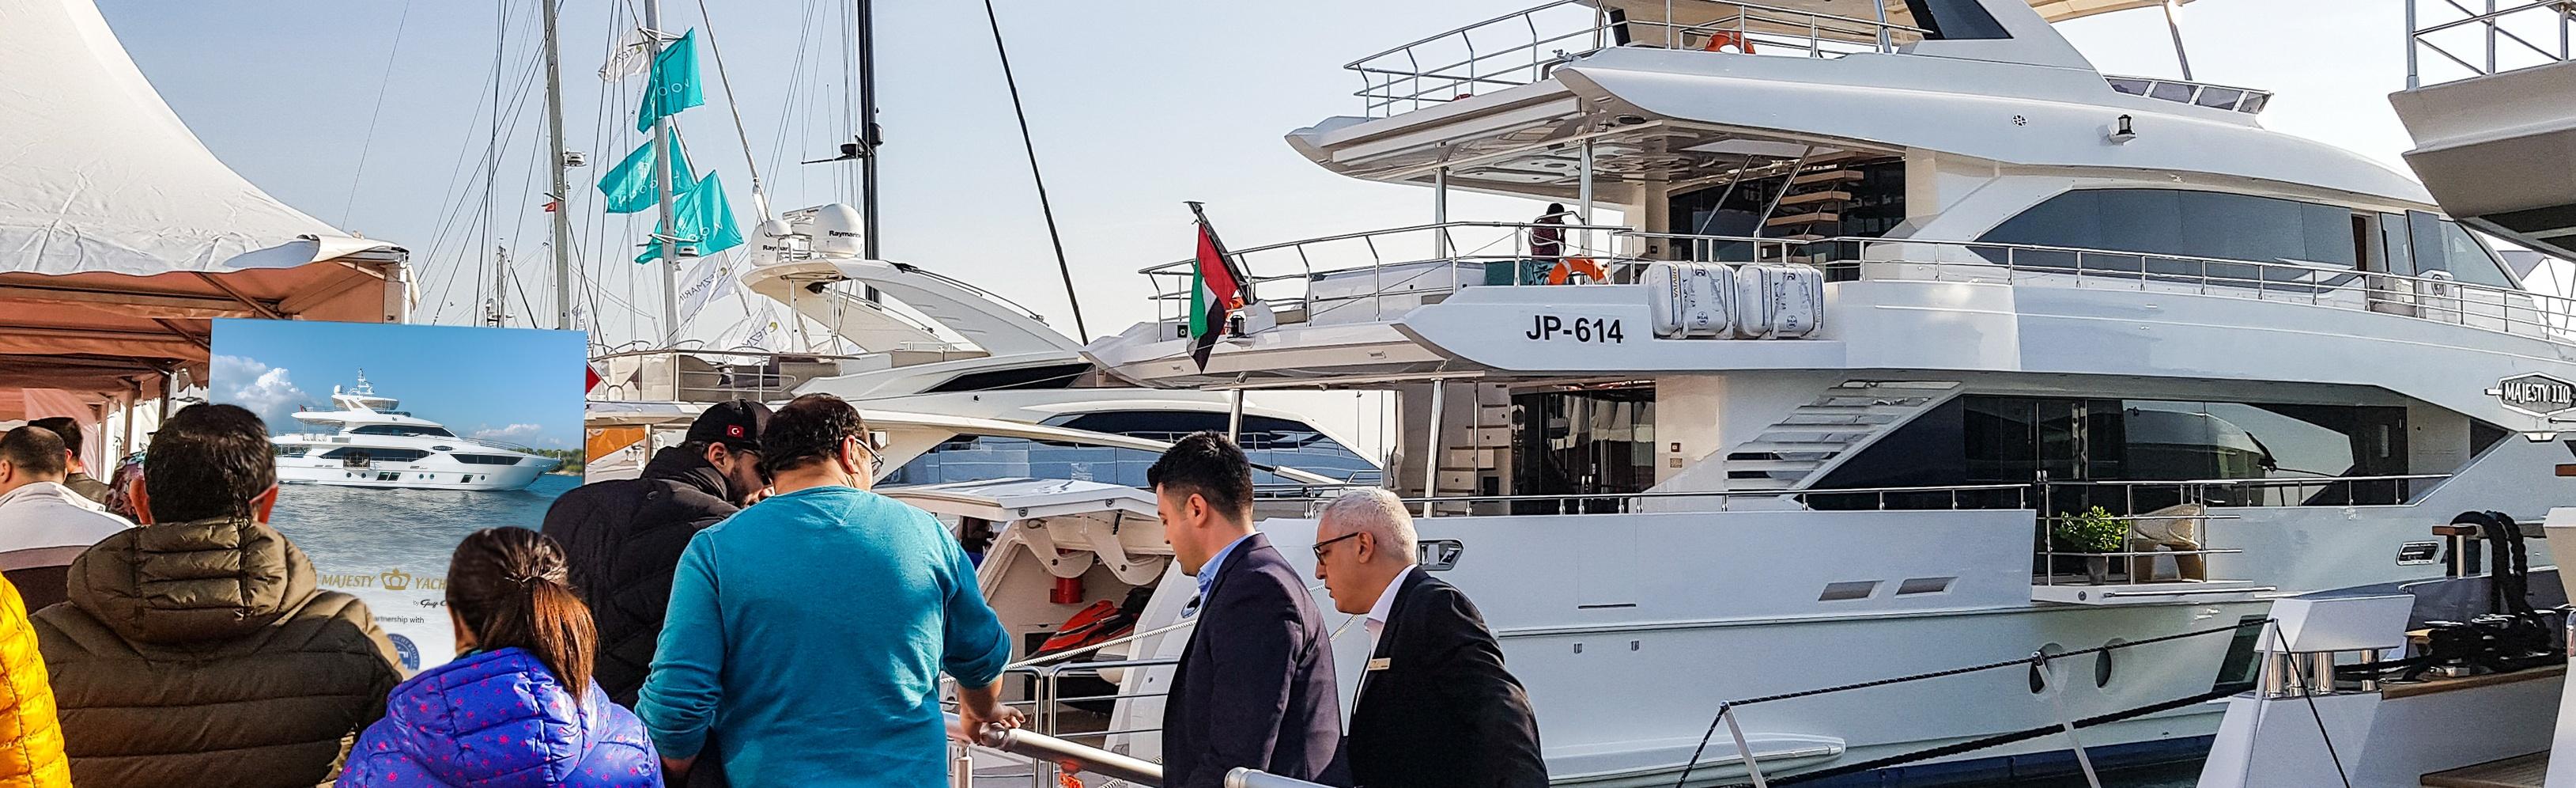 Majesty-110,-Tuzla-Boat-Show